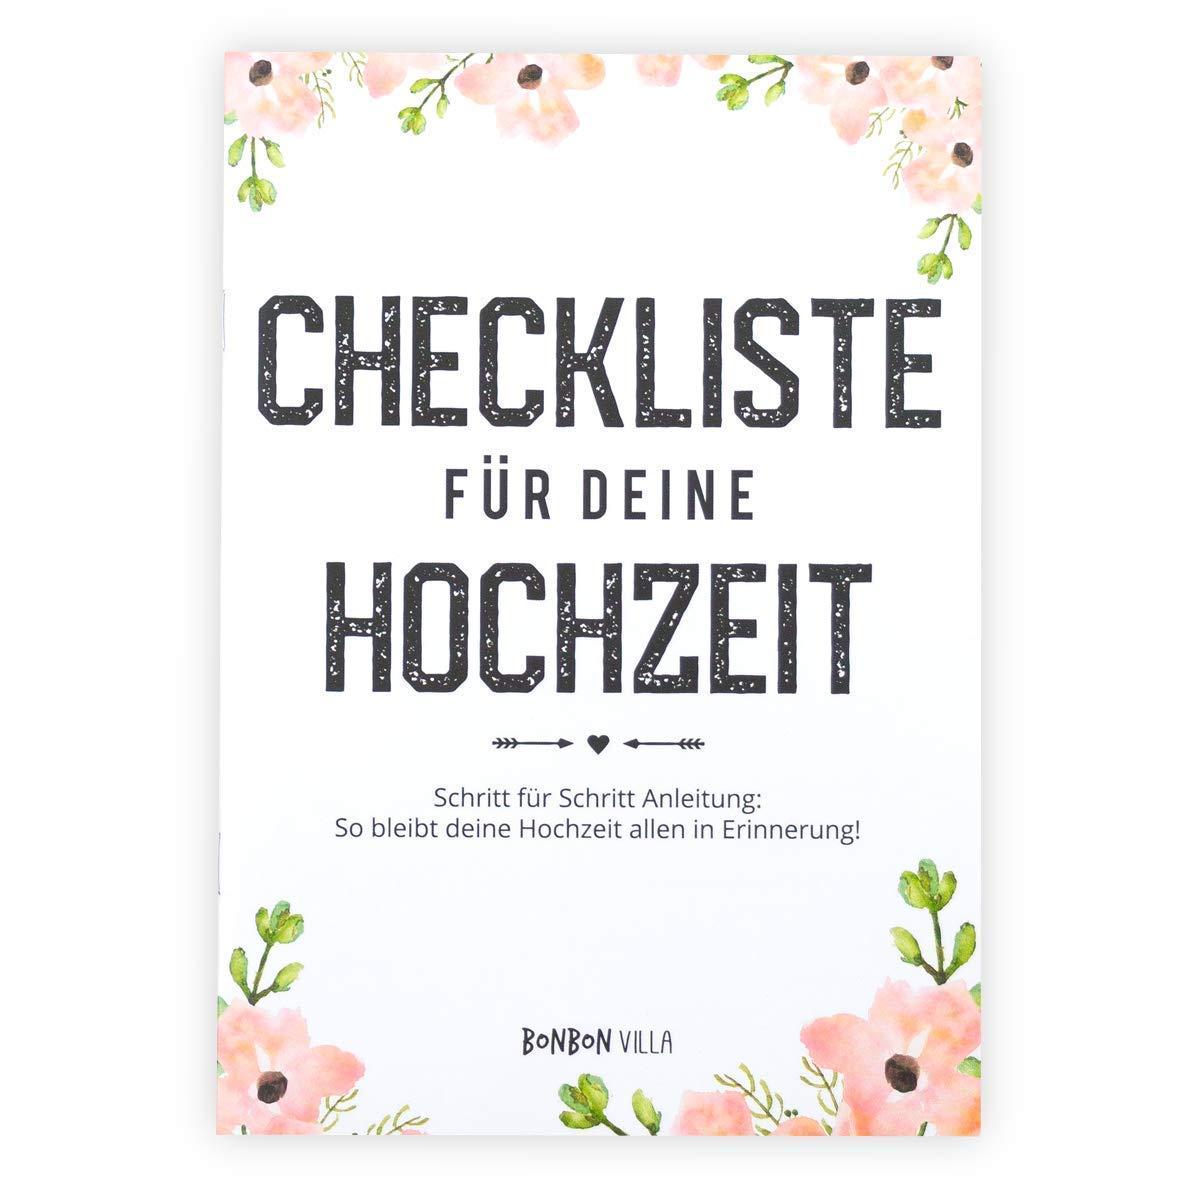 Checkliste für deine Hochzeit, Hochzeitsplanung, Hochzeitsplaner ...